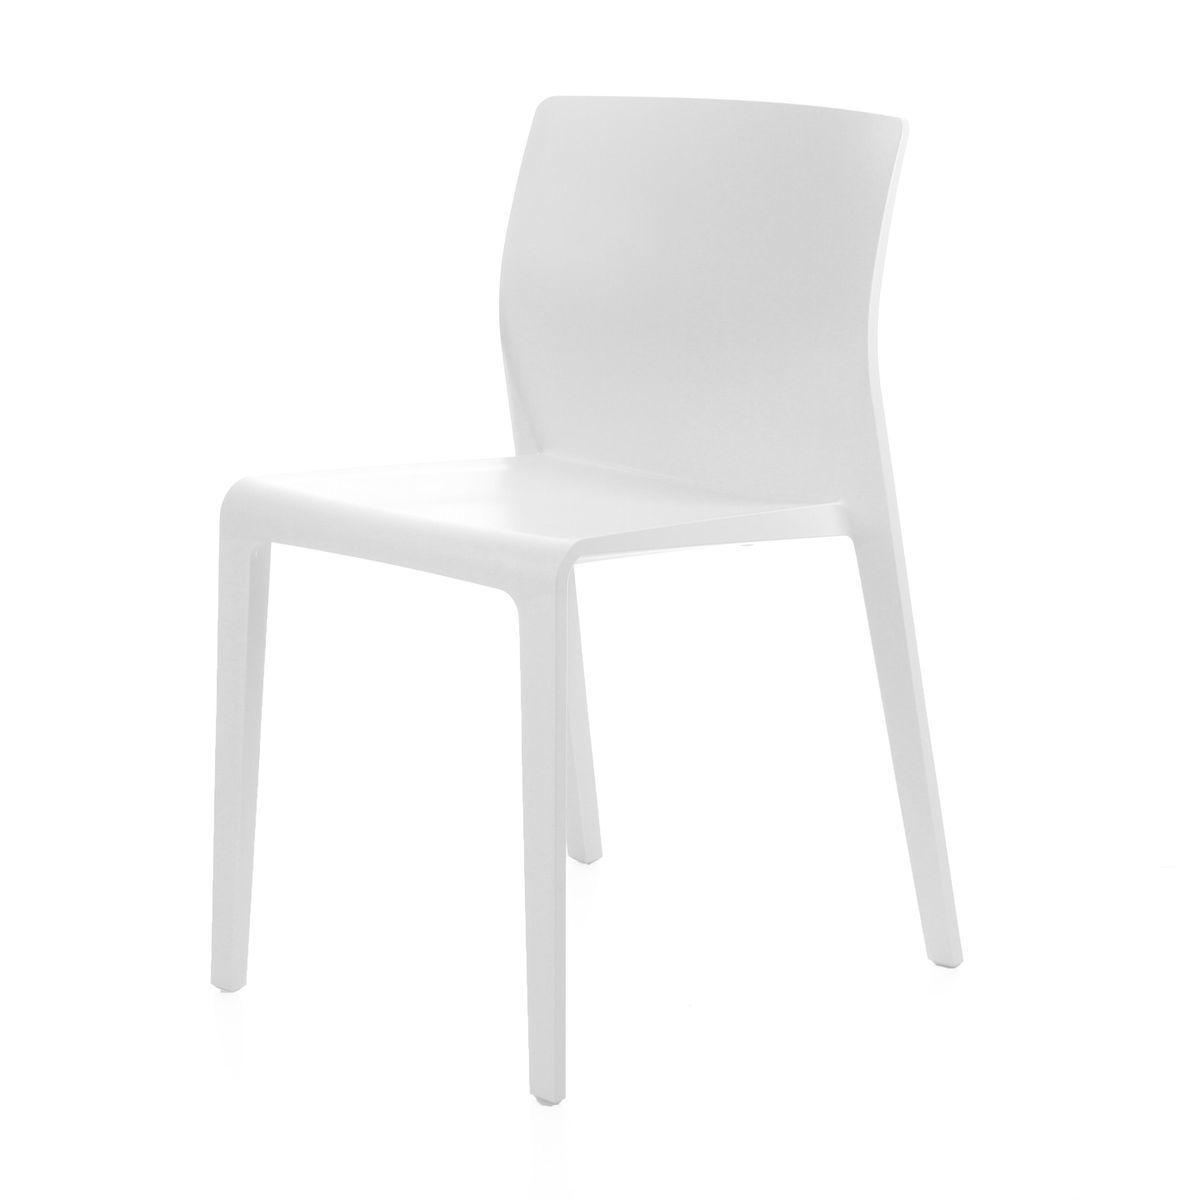 juno 3601 chaise arper juno. Black Bedroom Furniture Sets. Home Design Ideas